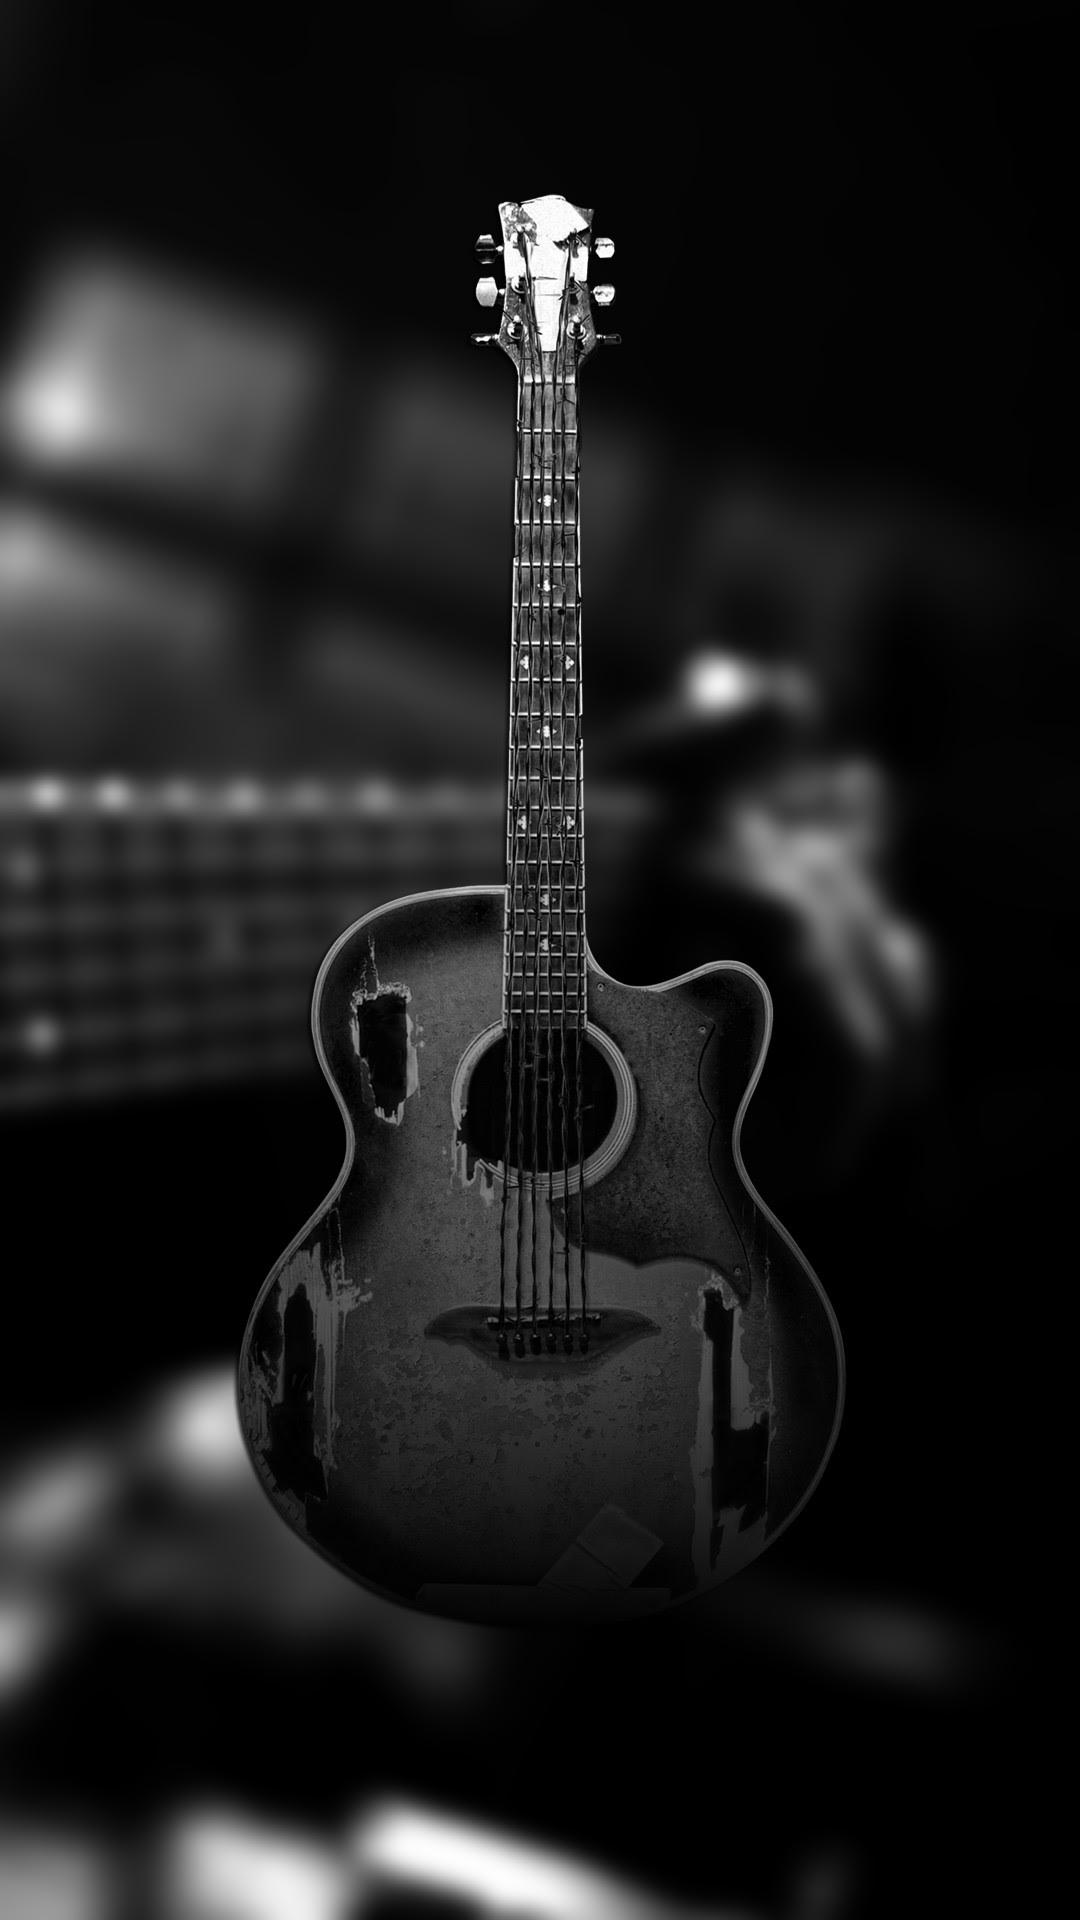 Unduh 9600 Wallpaper Hd Guitar Gratis Terbaru